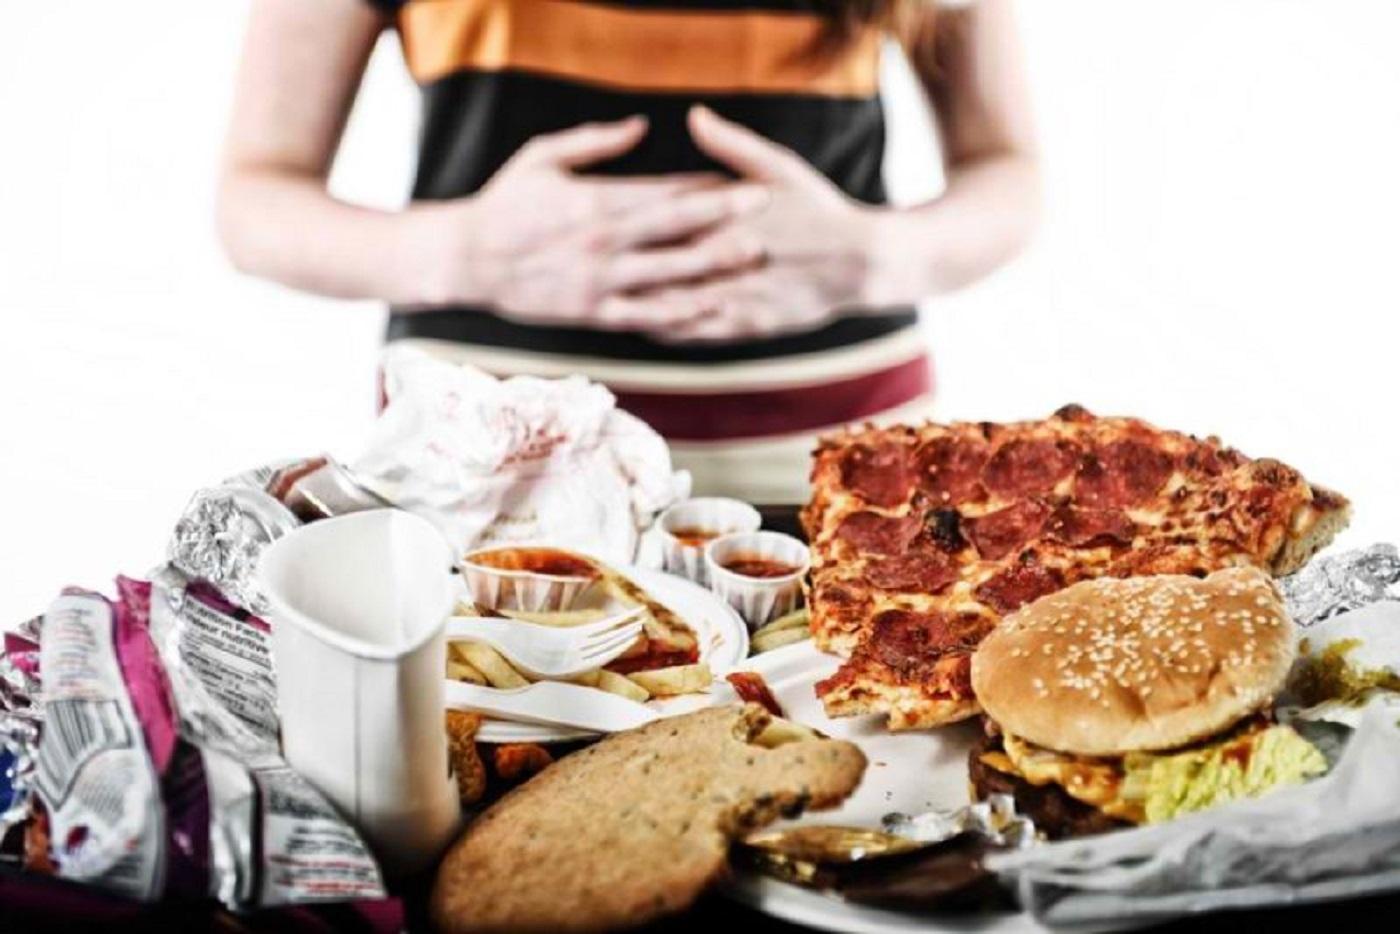 Исследование: жители Эстонии с меньшим сожалением выбрасывают недоеденную еду, чем жители Северных стран